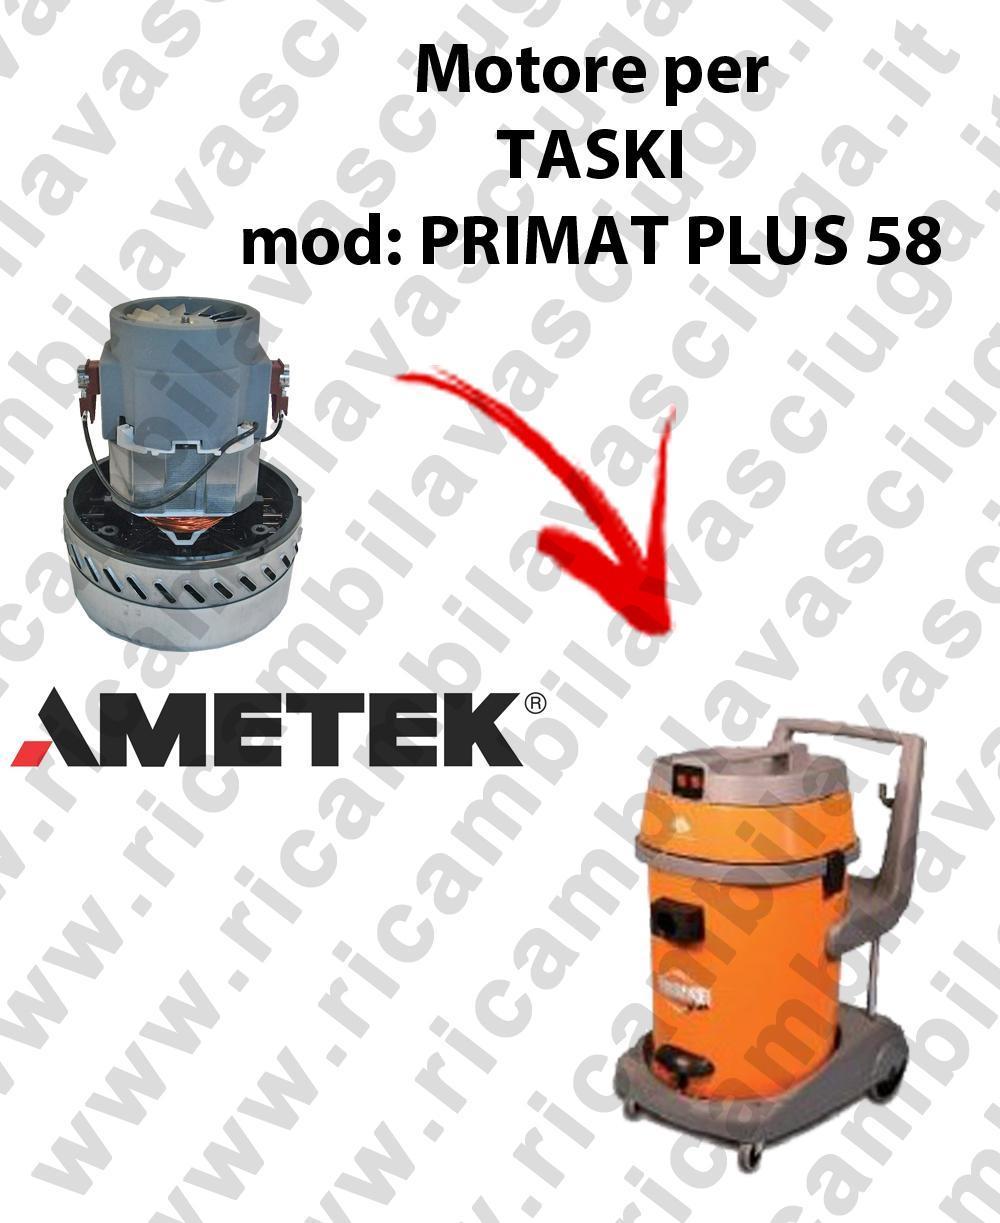 PRIMAT PLUS 58 Motore de aspiración AMETEK para aspiradora y aspiradora húmeda TASKI